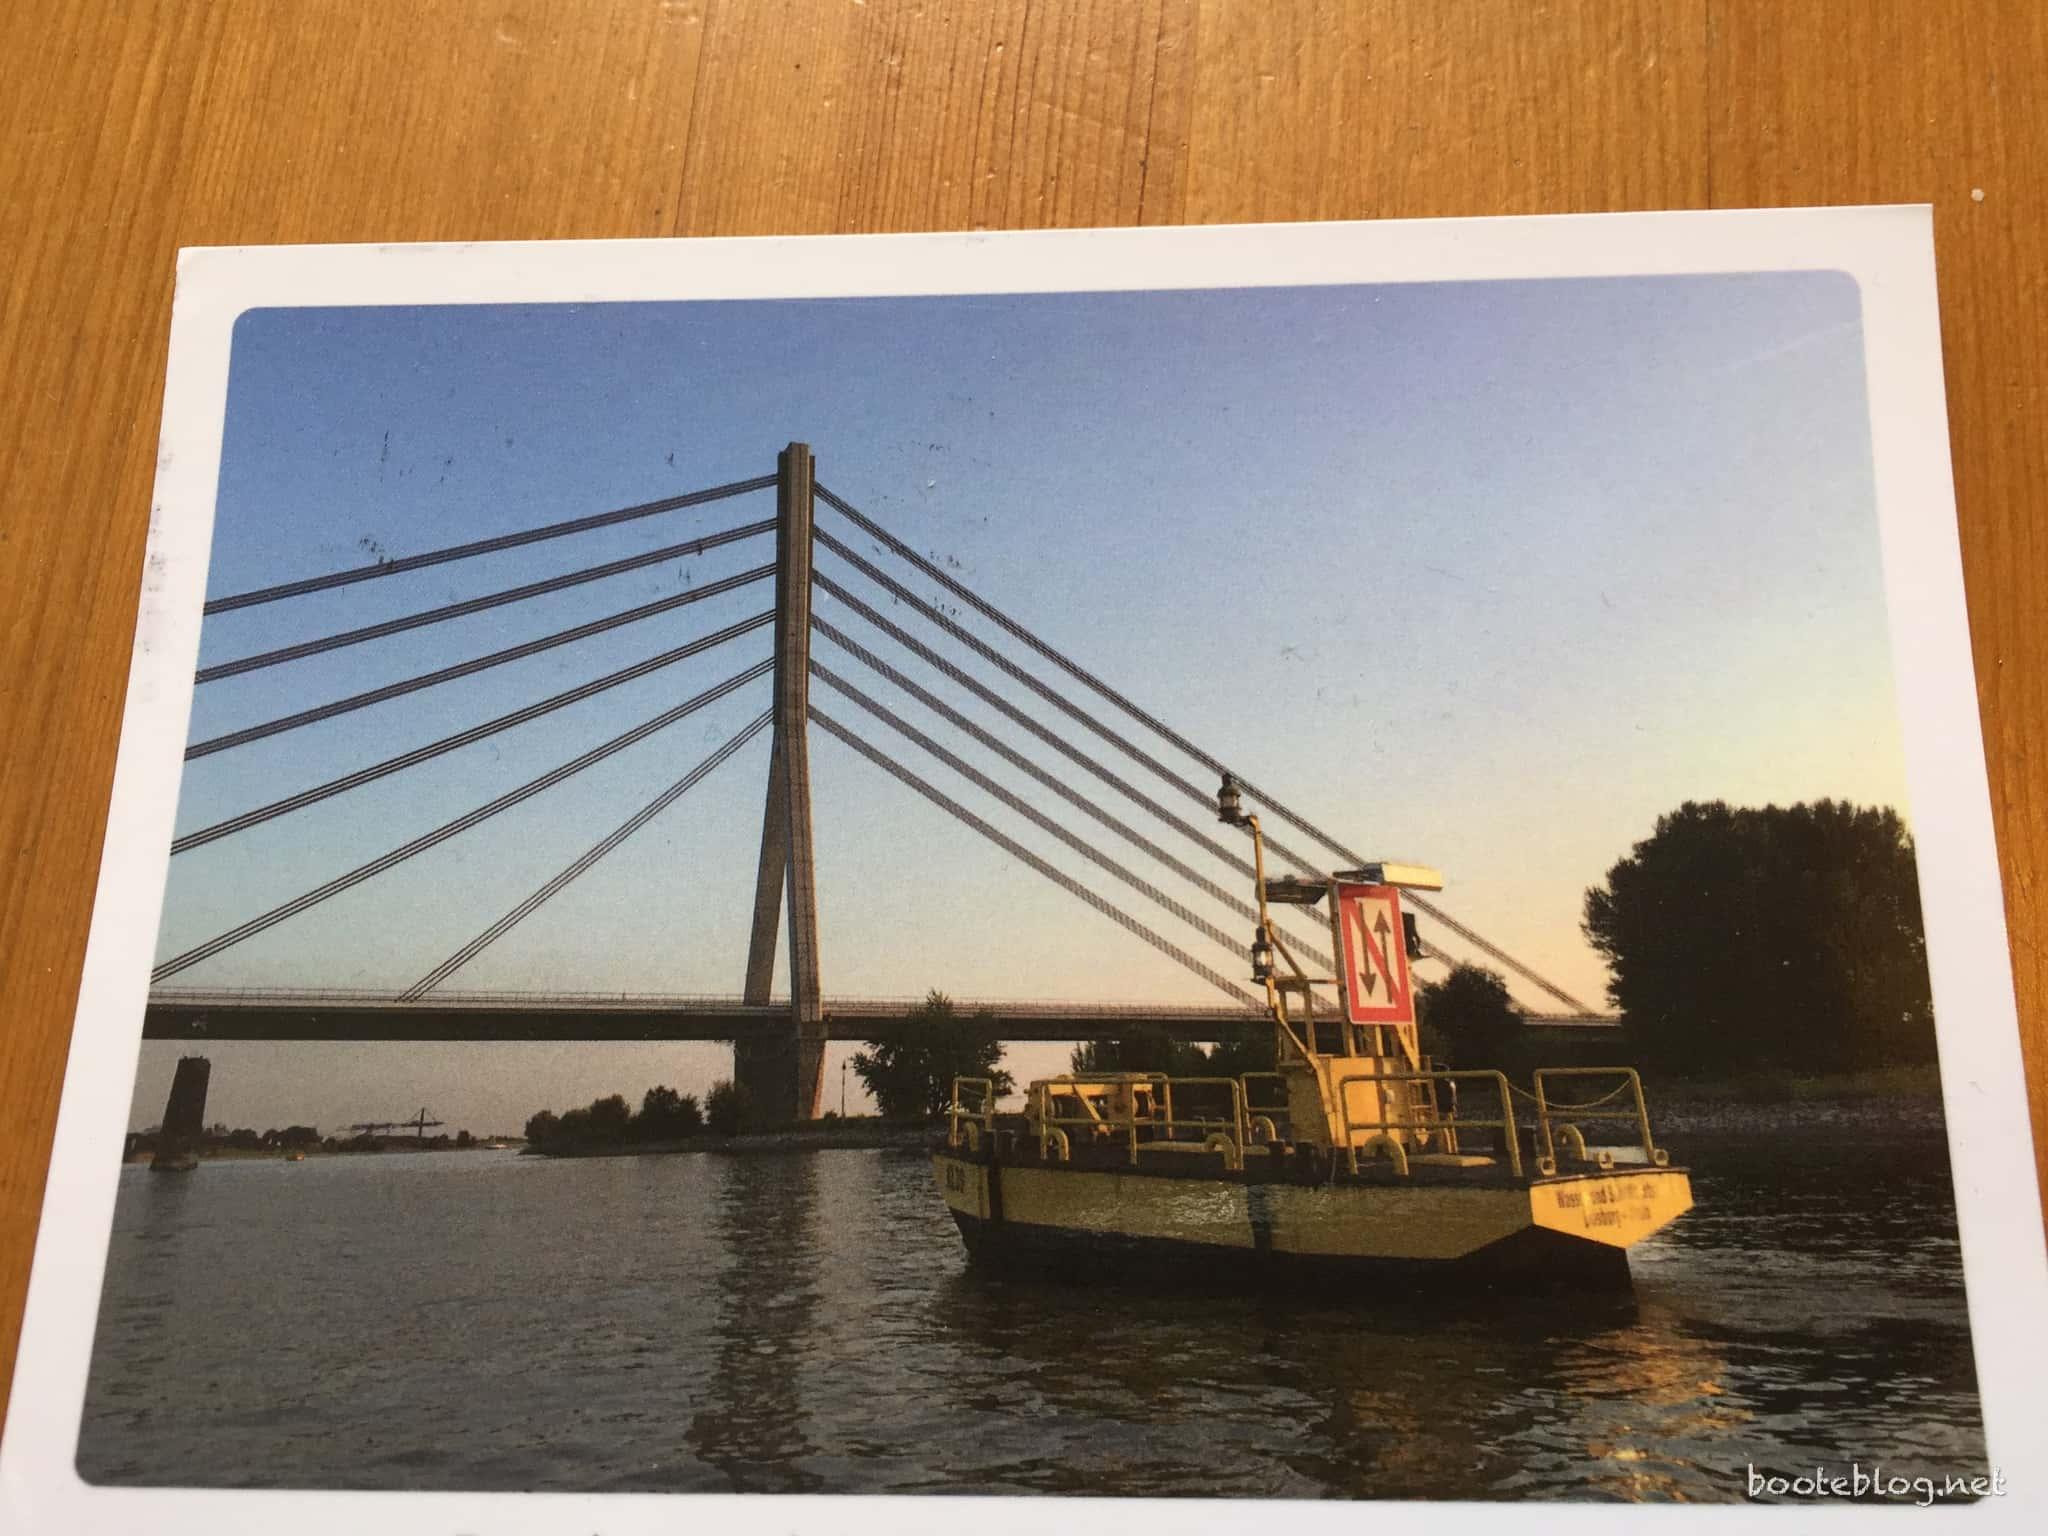 Die erste Dankeschön-Postkarte: Duisburg, alter Pfeiler im Hintergrund